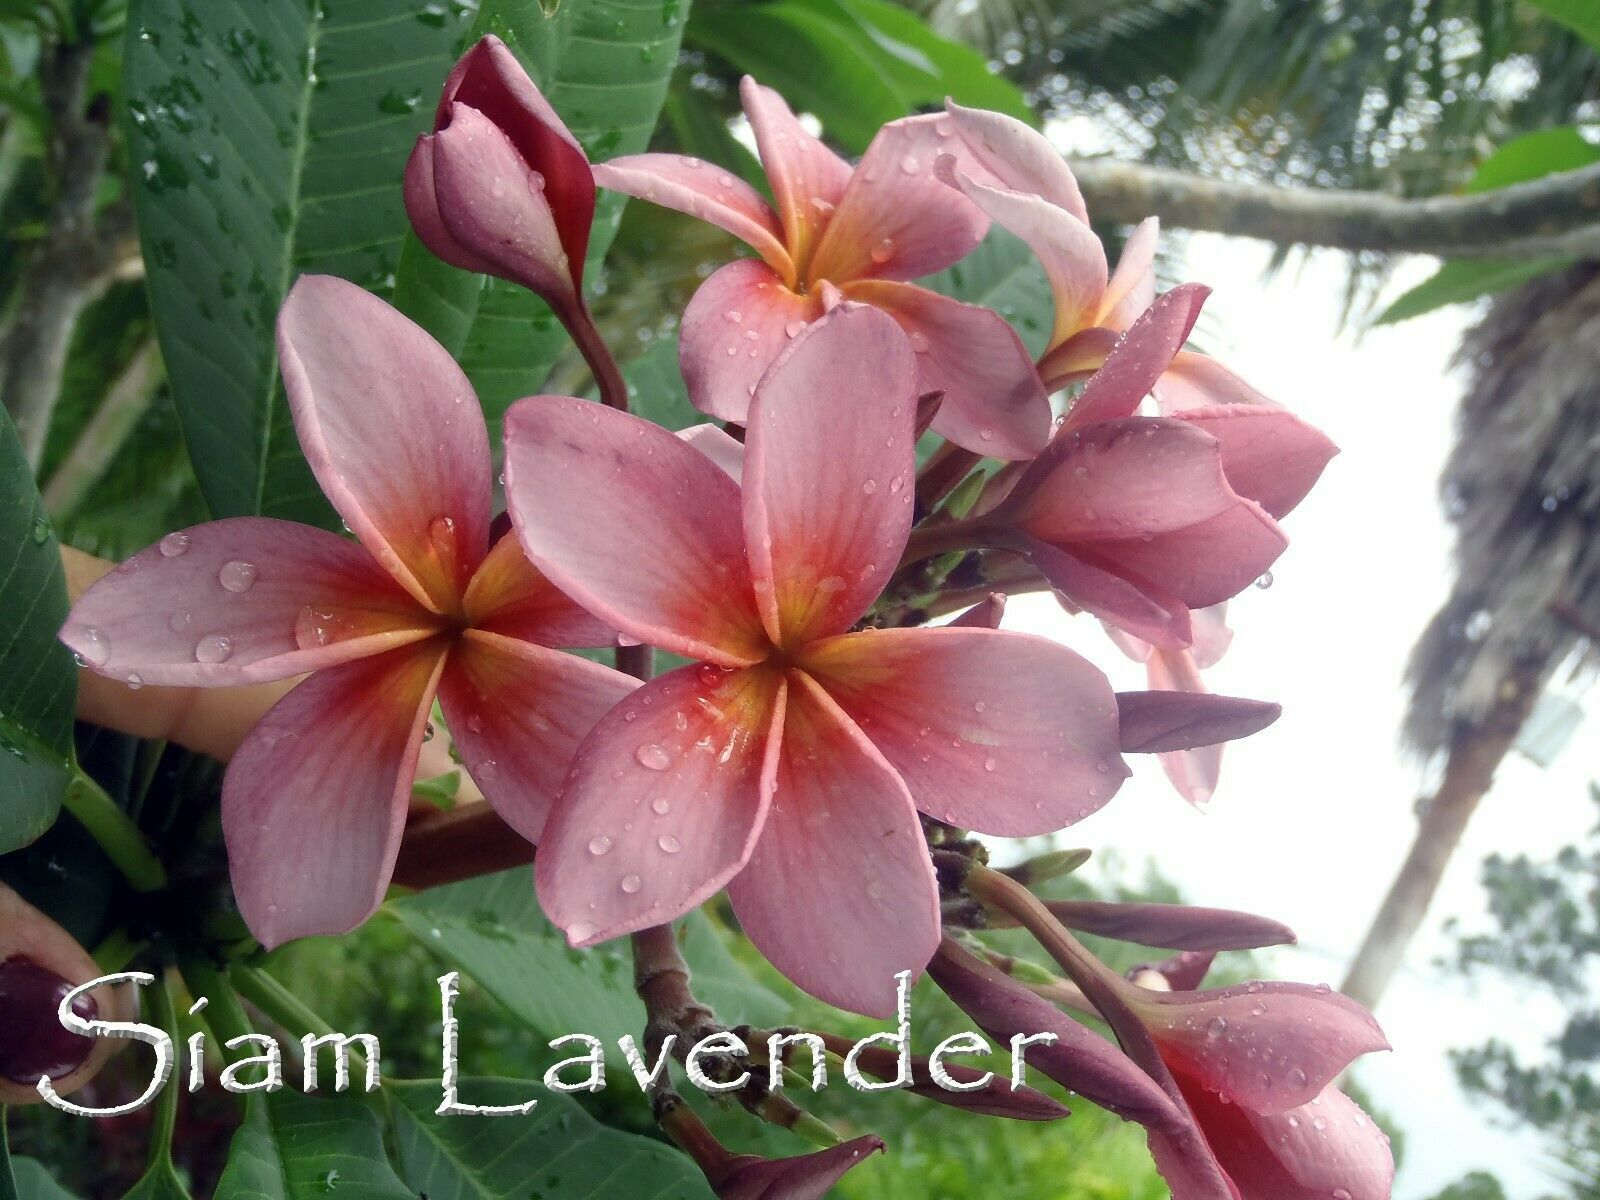 2-tip Thai *Siam Lavender* cutting plus bonus Fragrant Rare Exotic - $20.95